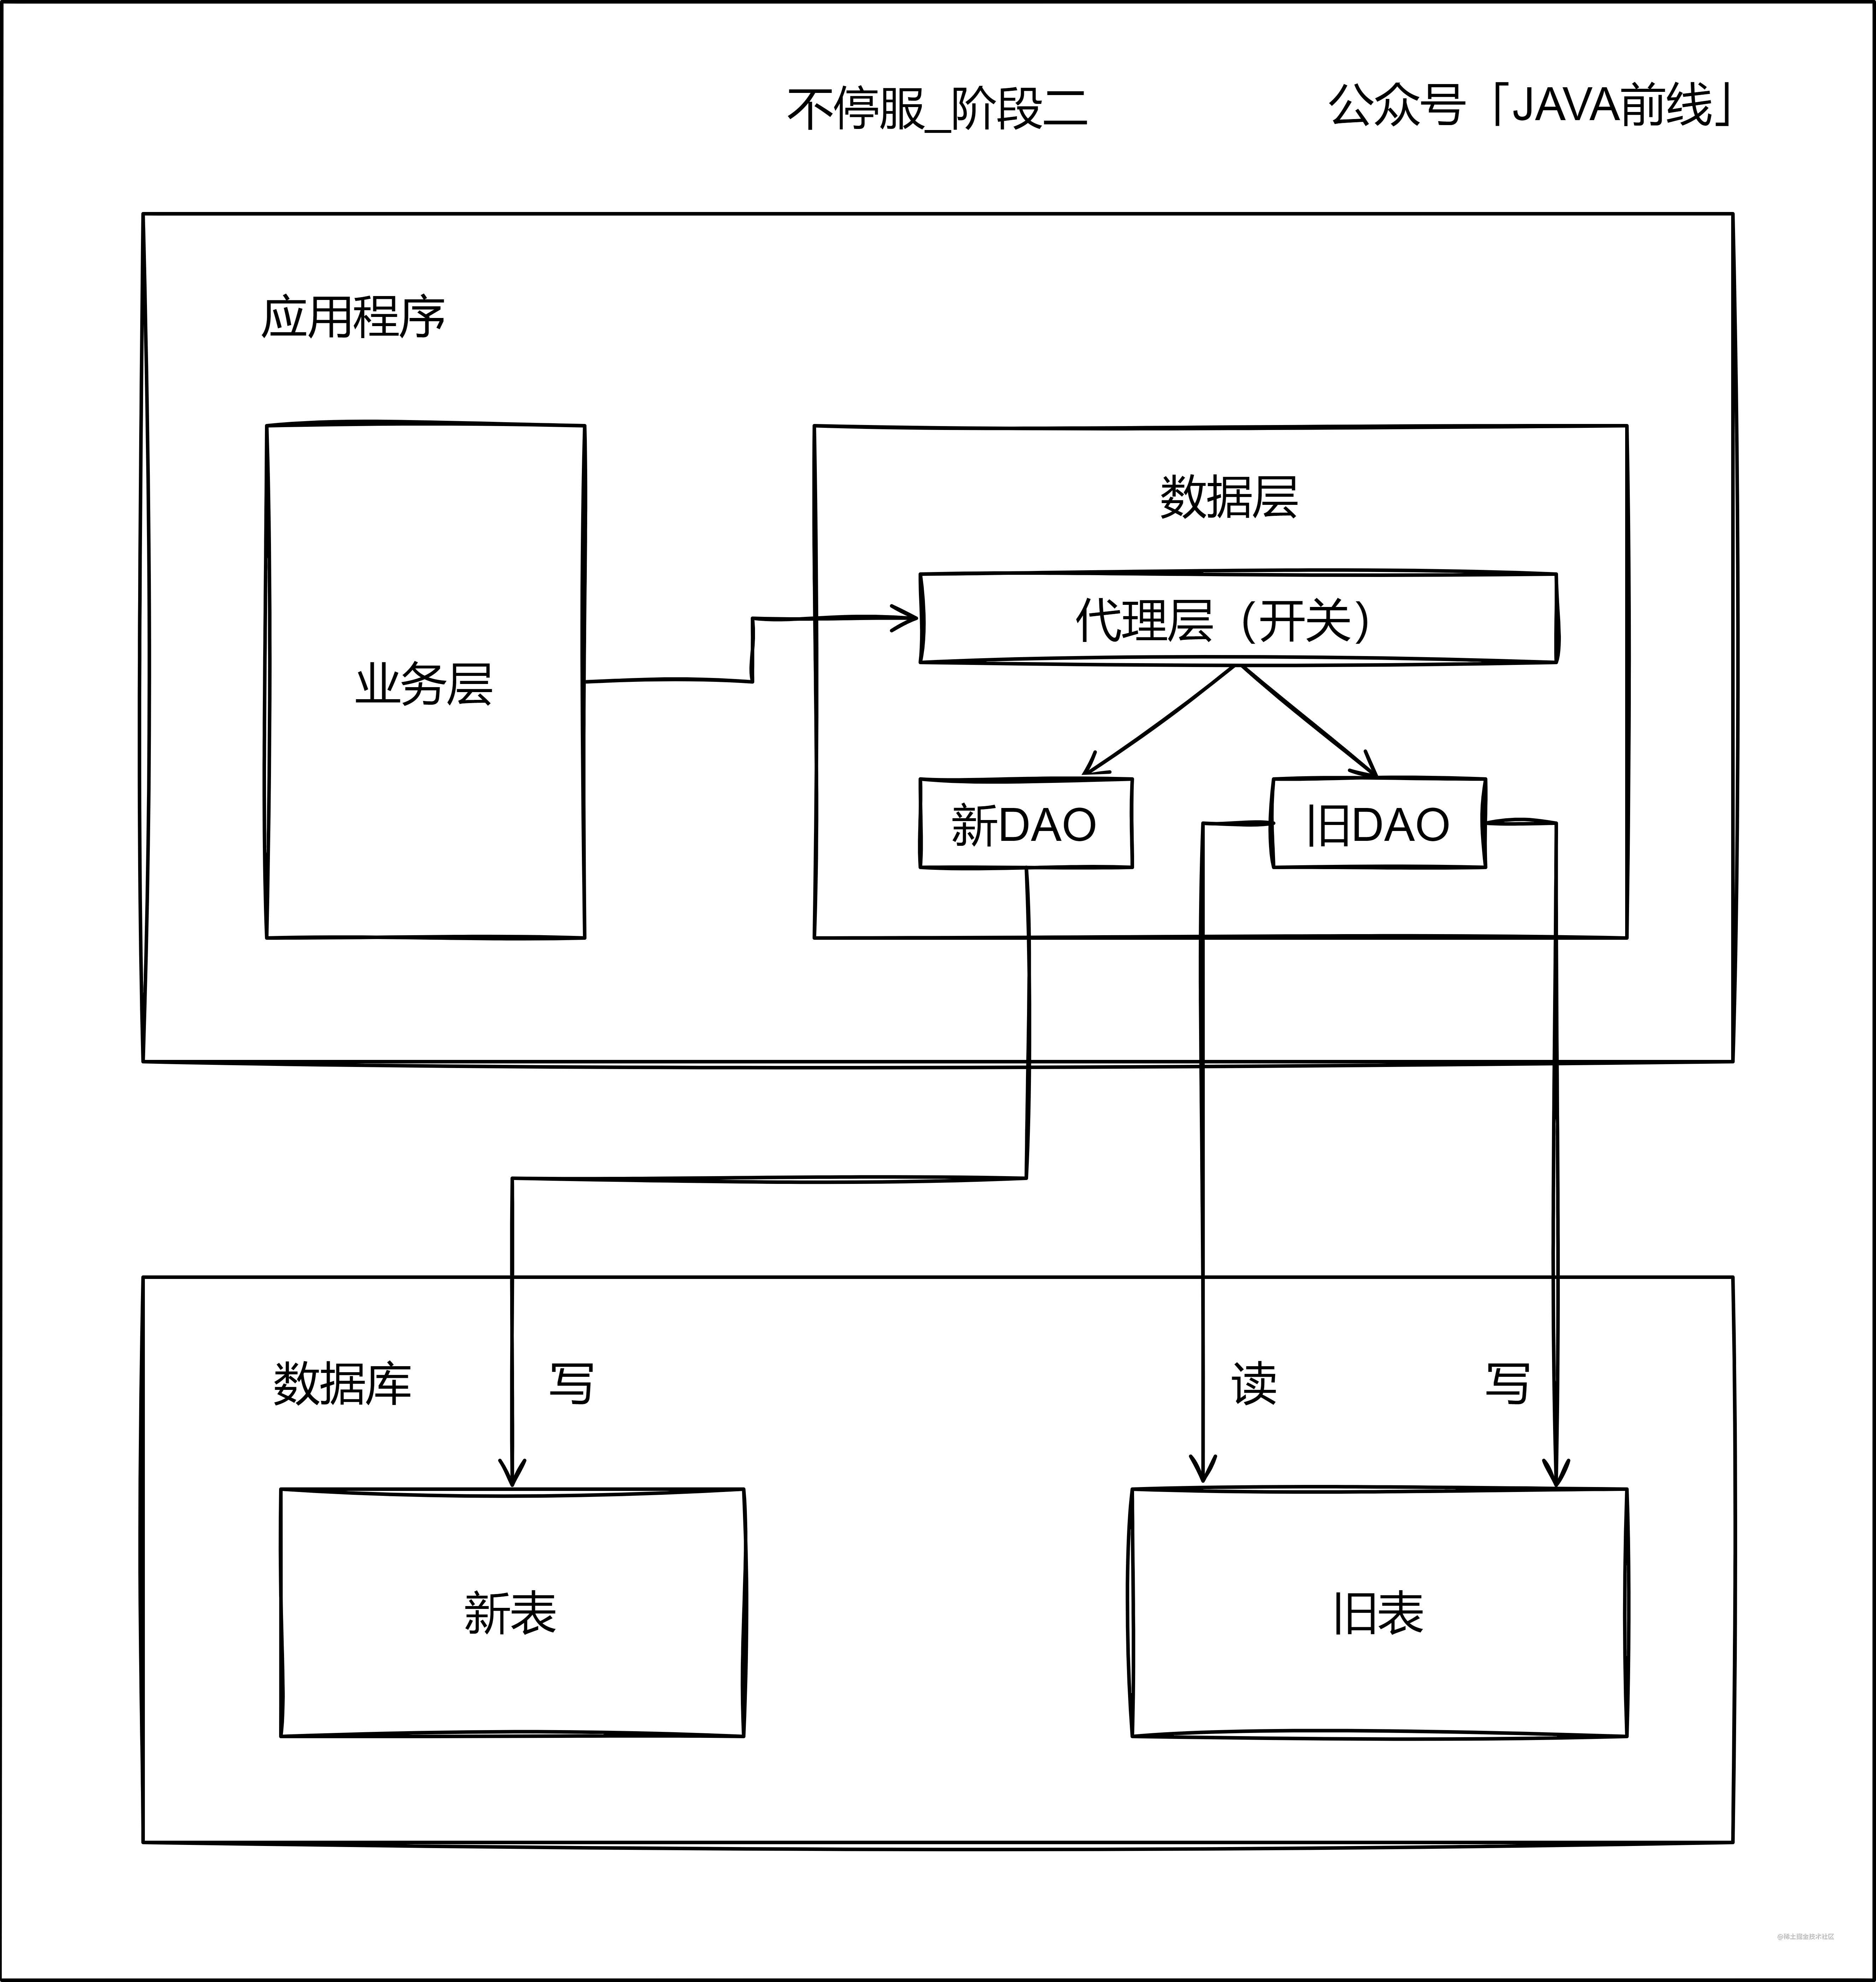 02 不停服_阶段2.jpg